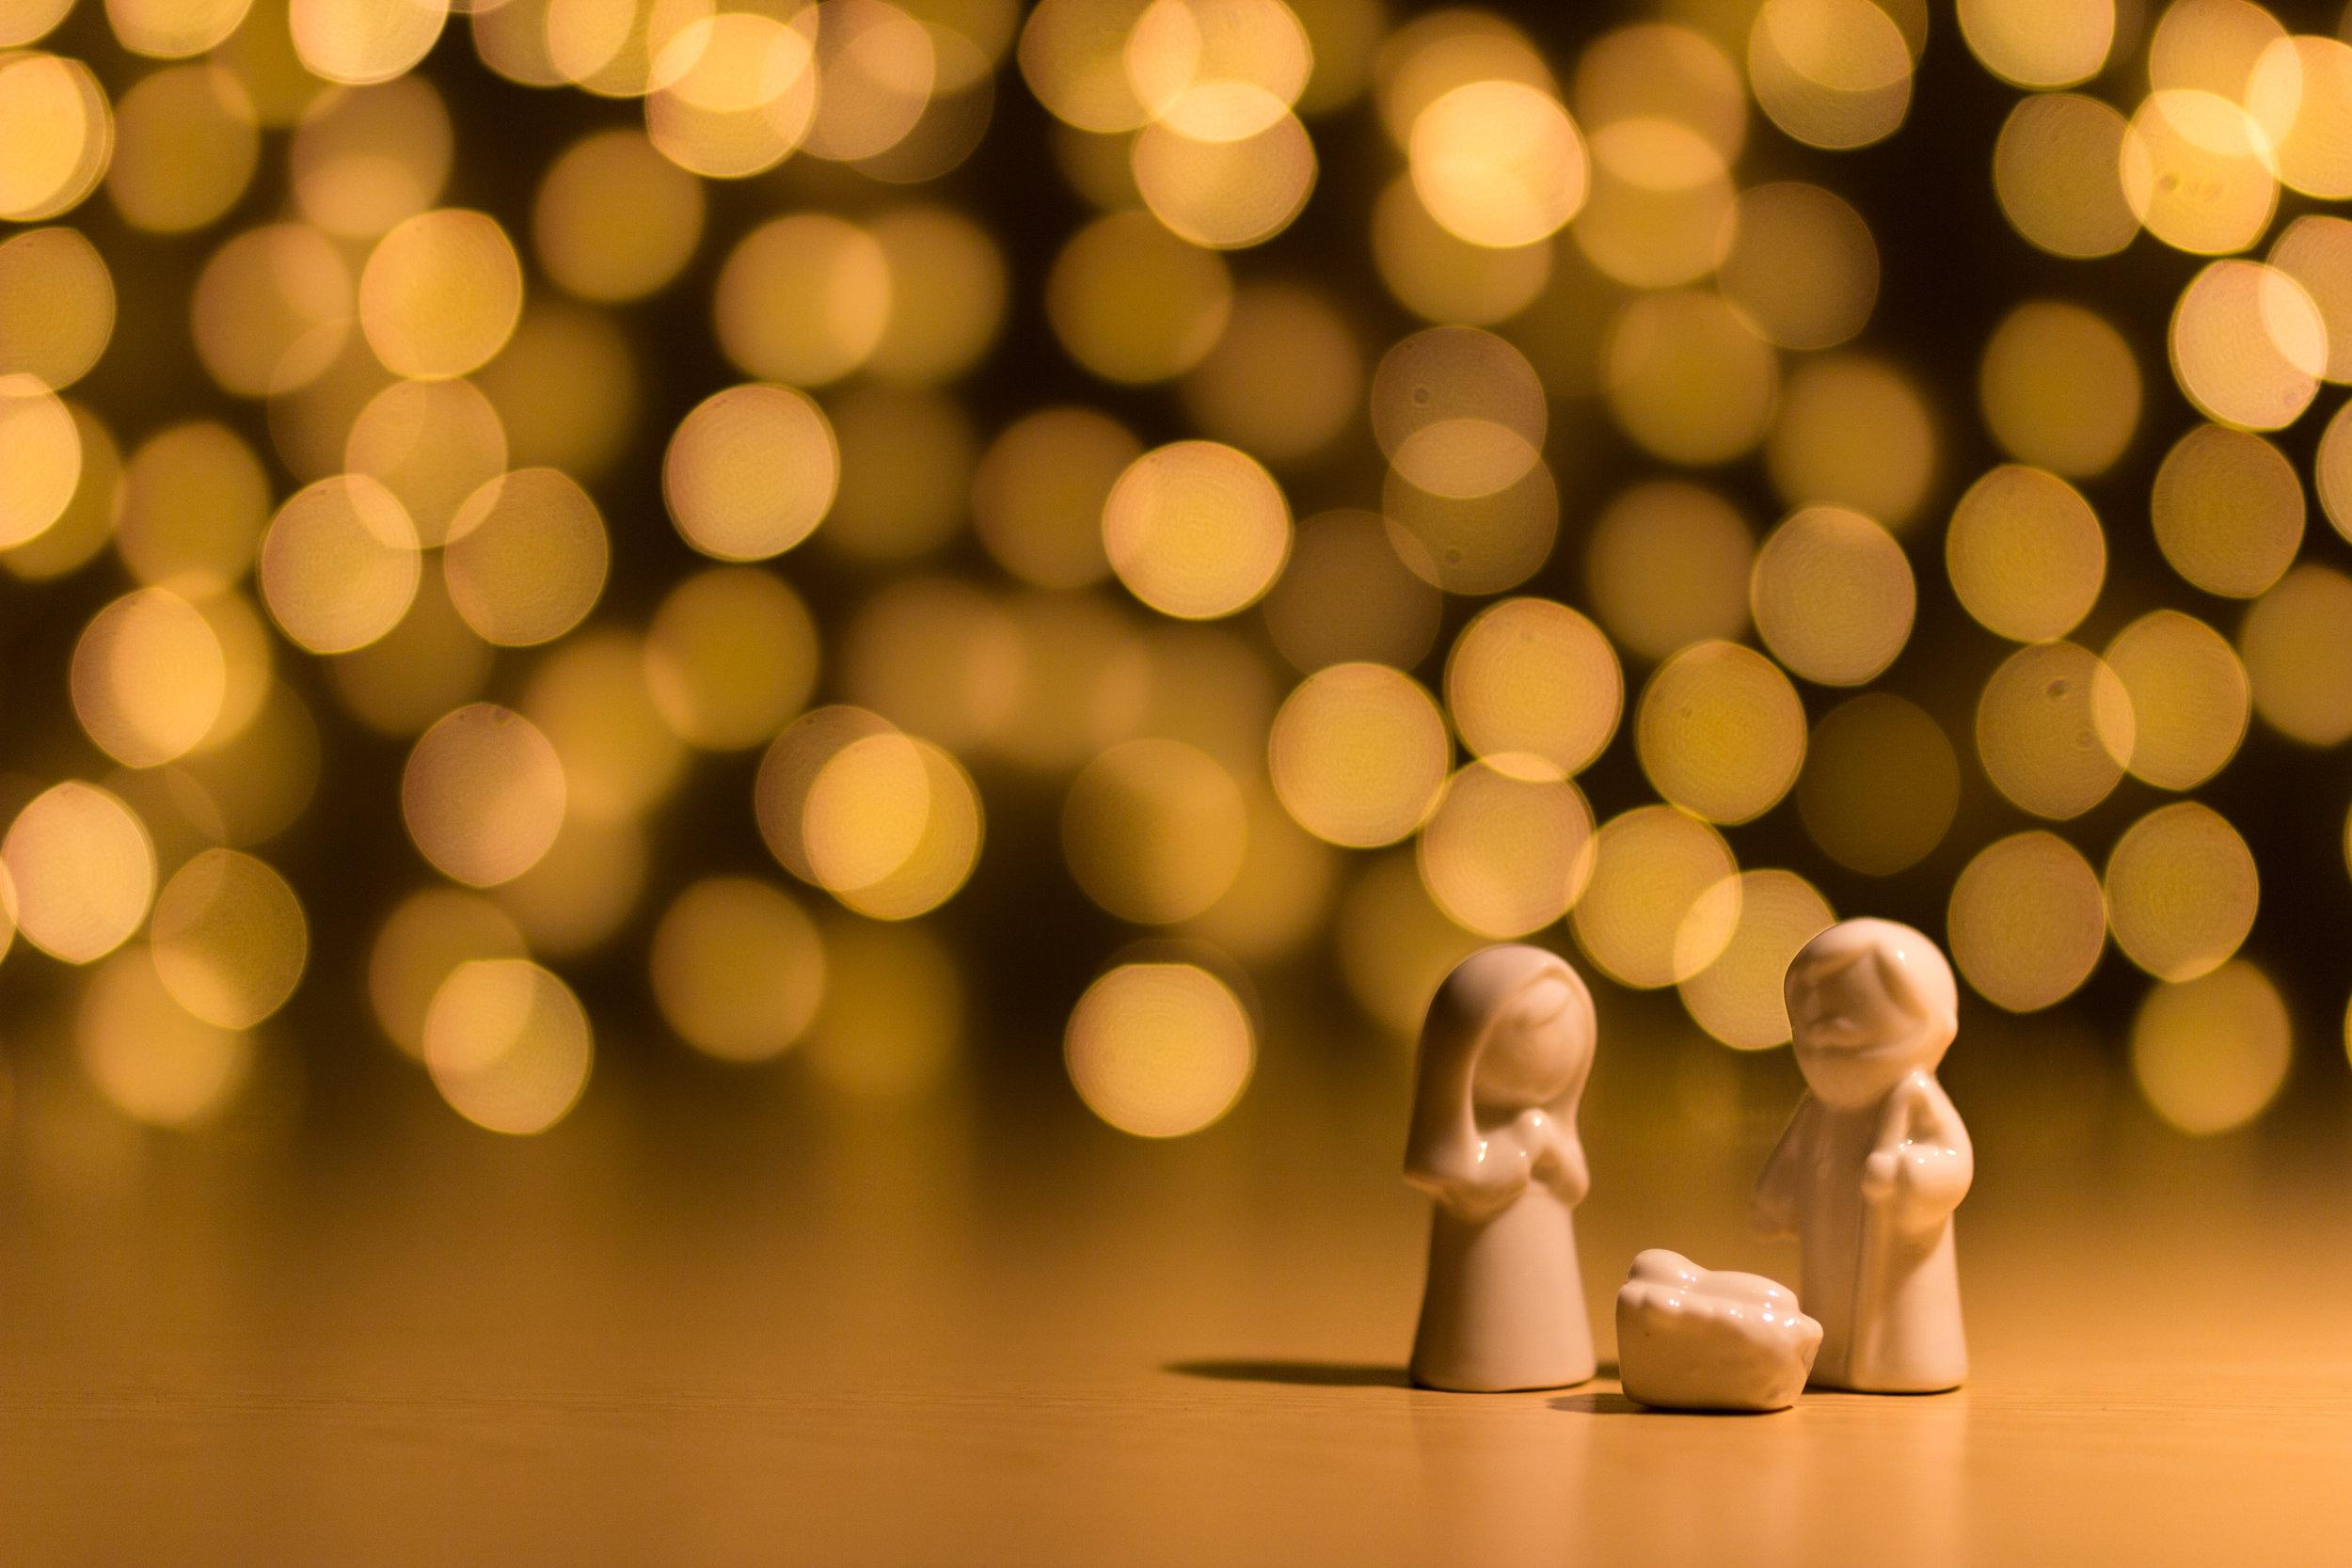 Christmas lights. Mary & Joseph